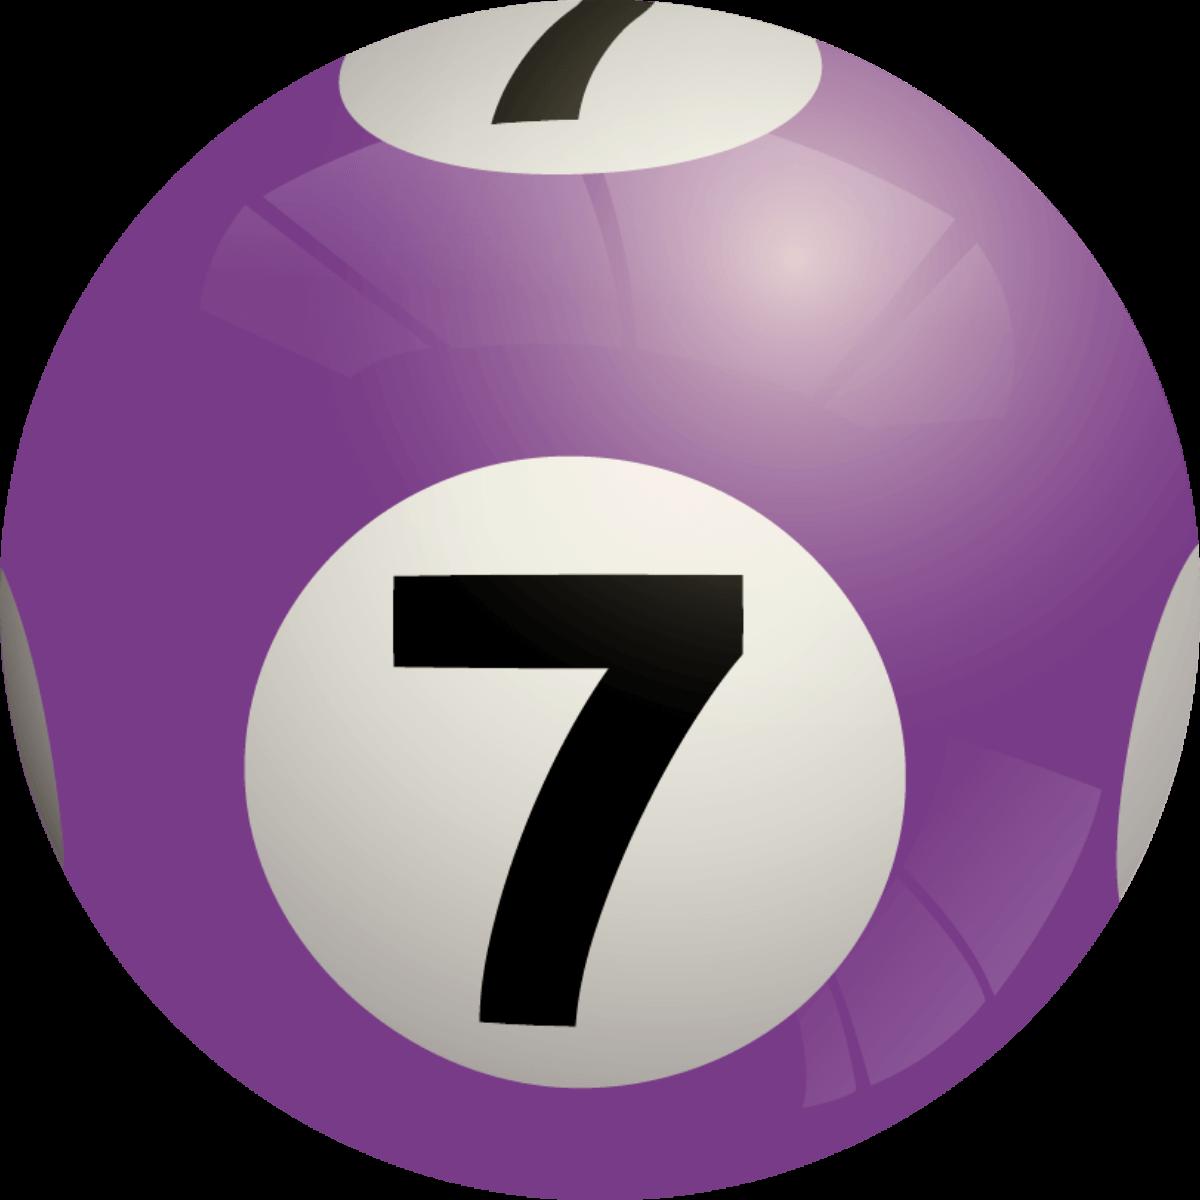 Bingo ball 2